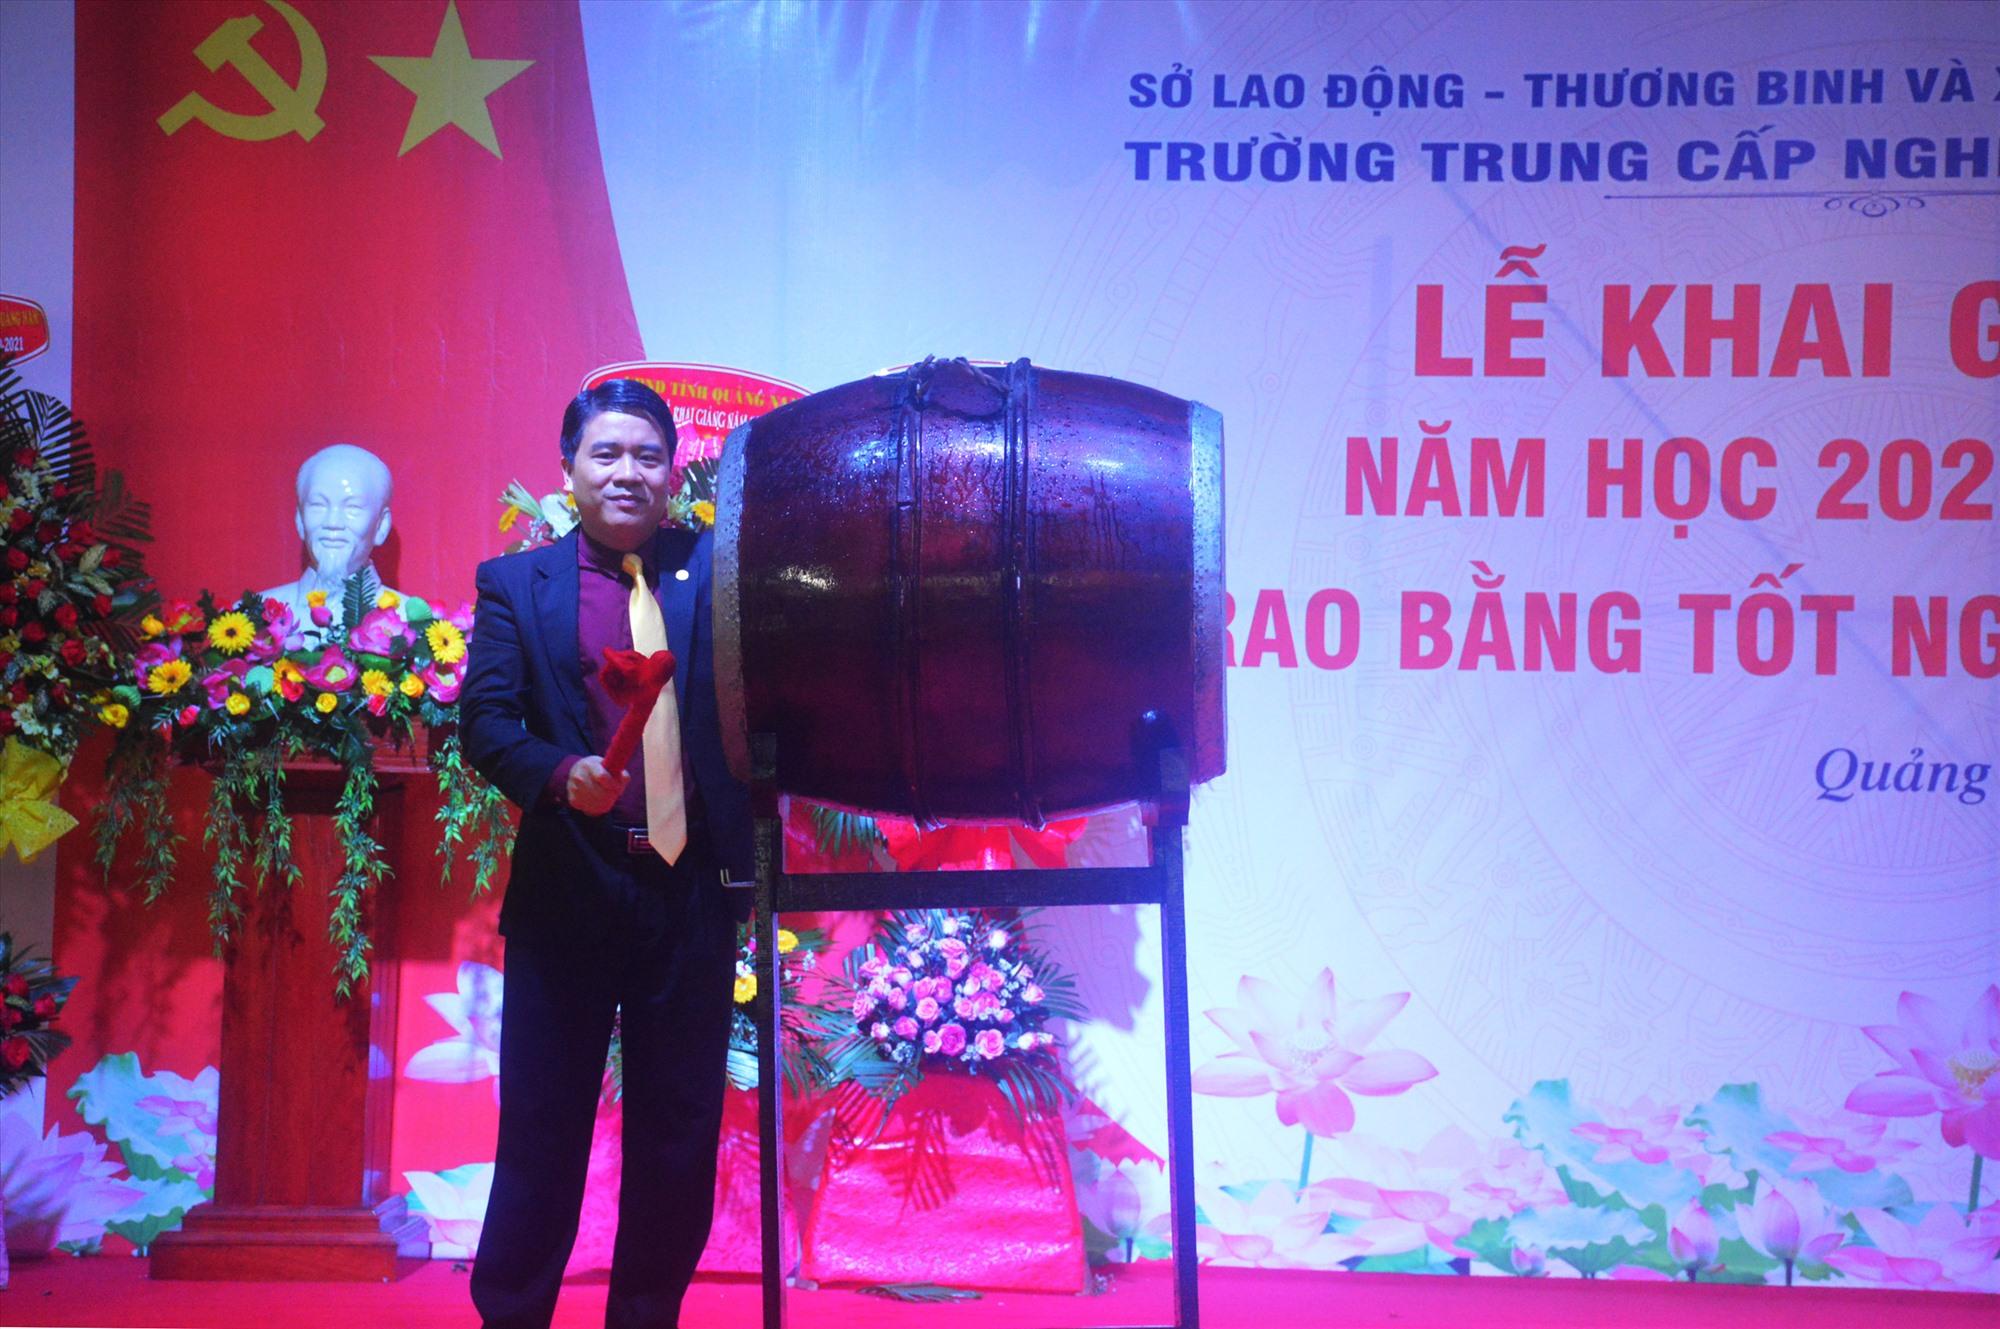 Phó Chủ tịch UBND tỉnh Trần Văn Tân đánh trống khai giảng năm học mới. Ảnh: Q.T